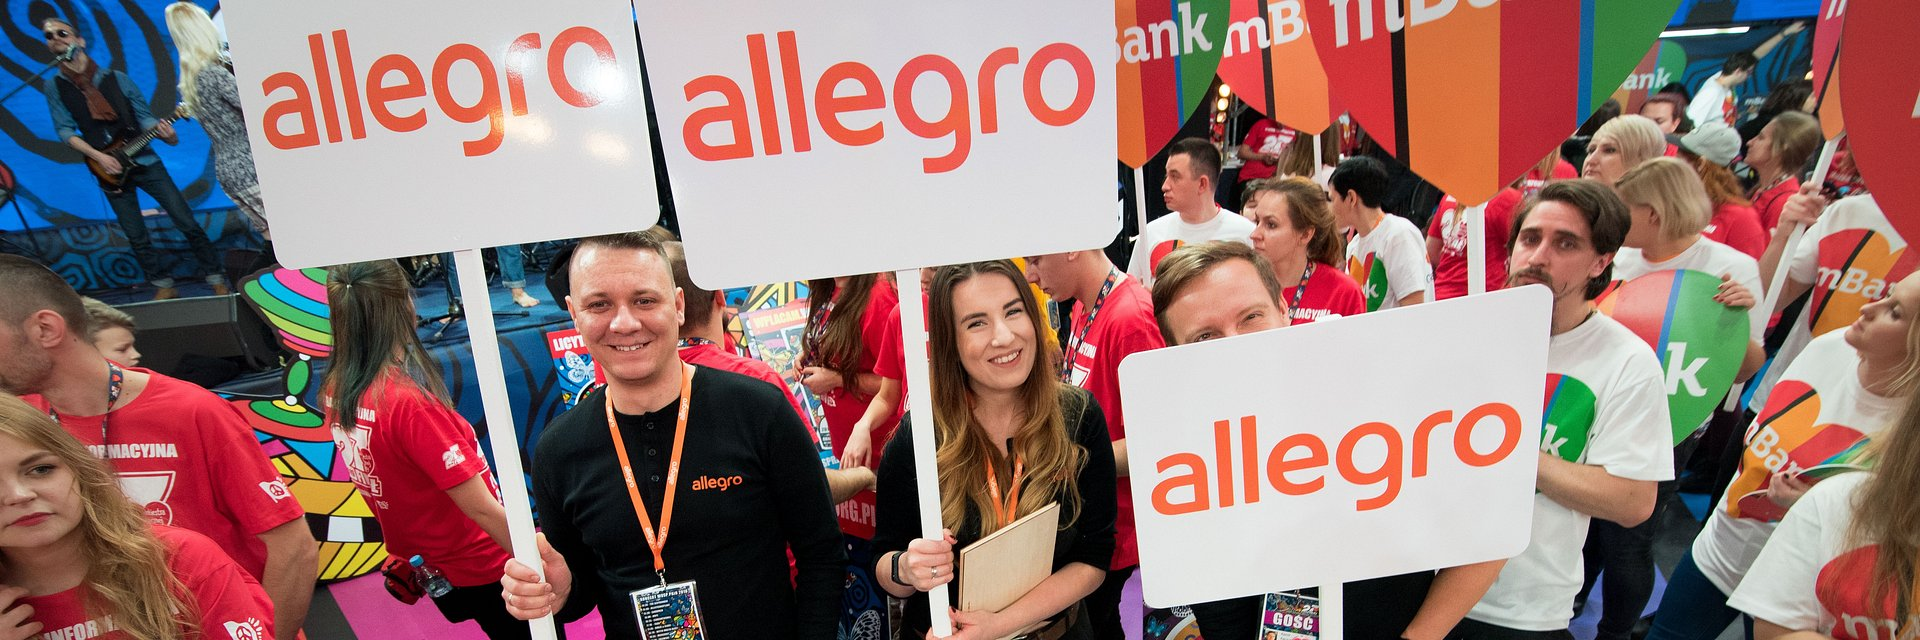 Allegro gra dla WOŚP jeszcze do końca stycznia - zobacz najciekawsze aukcje